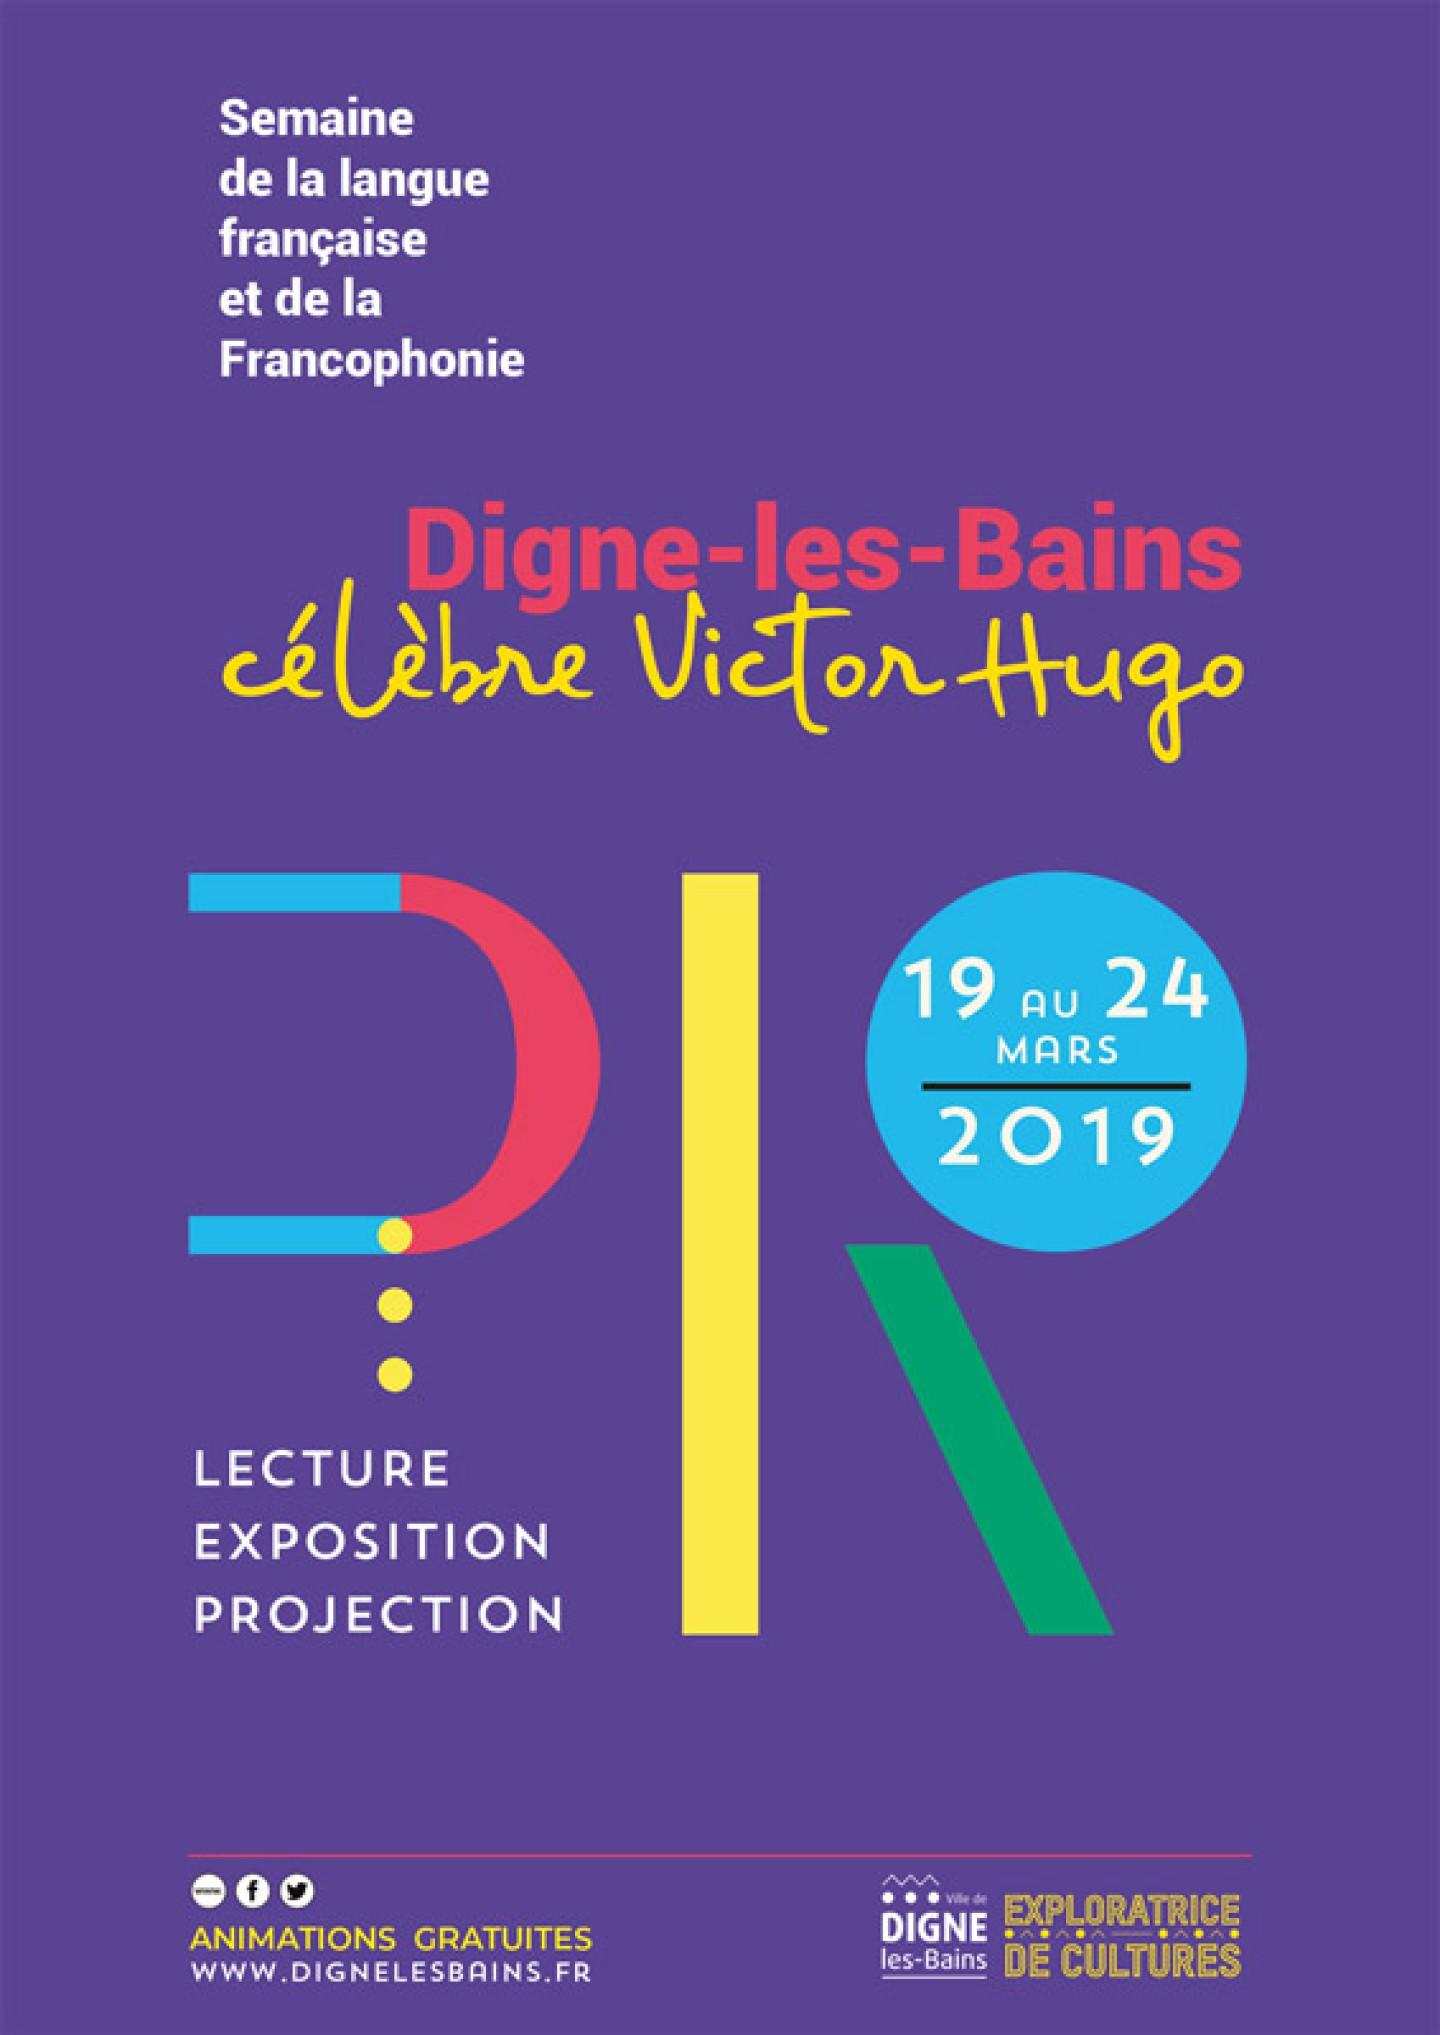 Digne-les-Bains célèbre Victor Hugo et Les Misérables